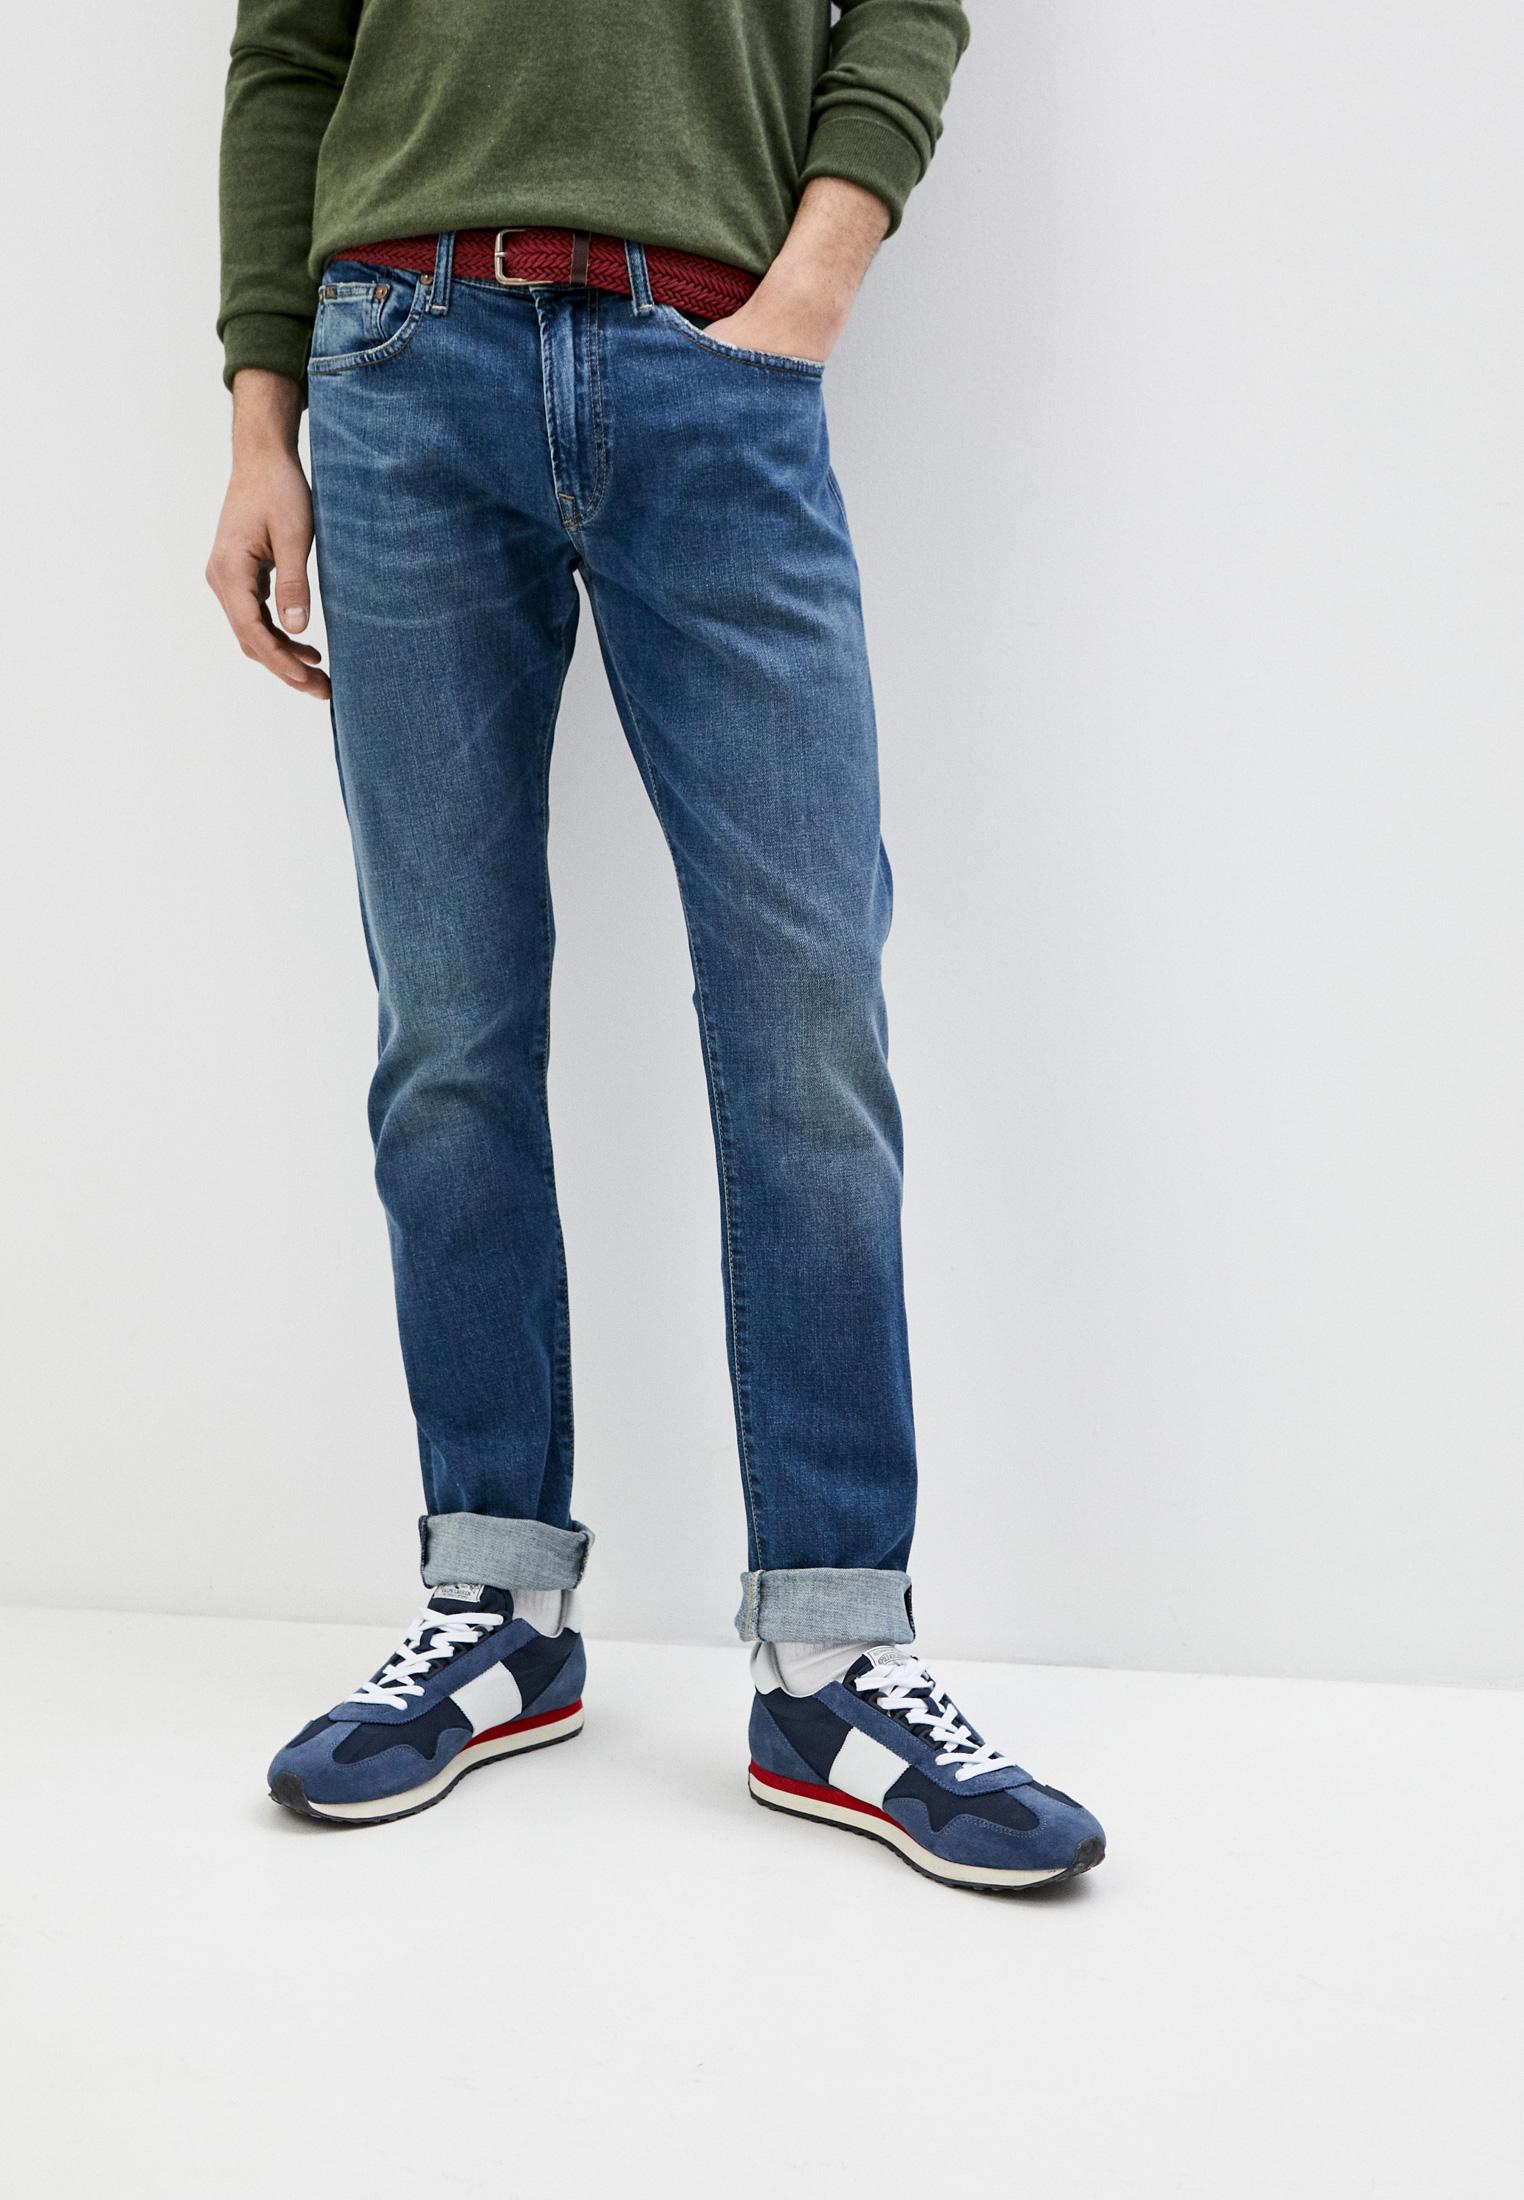 Мужские прямые джинсы Polo Ralph Lauren (Поло Ральф Лорен) Джинсы Polo Ralph Lauren